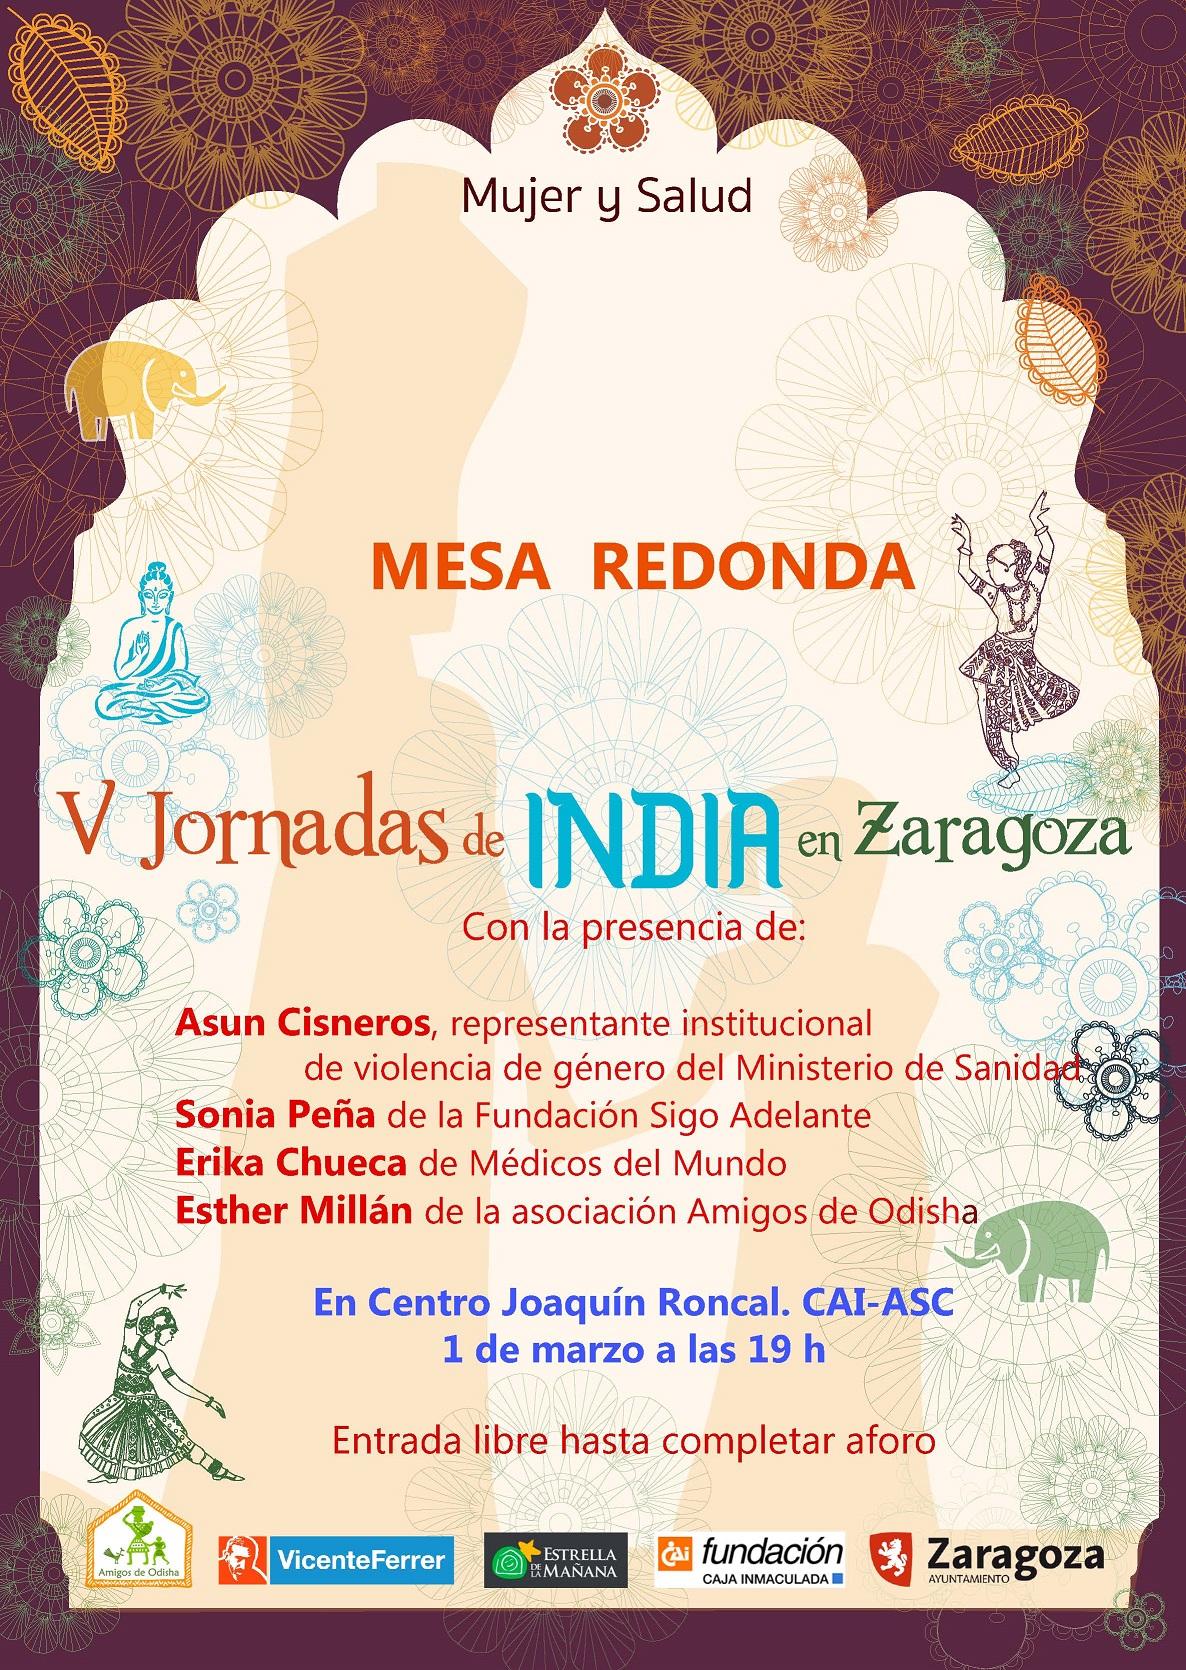 V Jornadas de India en Zaragoza. Eventos